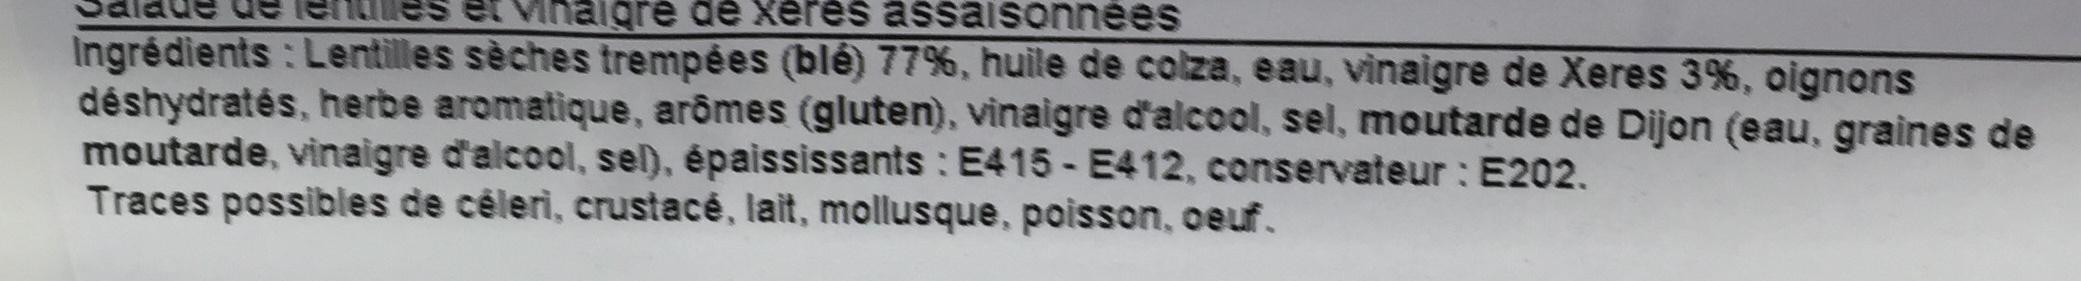 Lentilles au vinaigre de Xérès - Ingrediënten